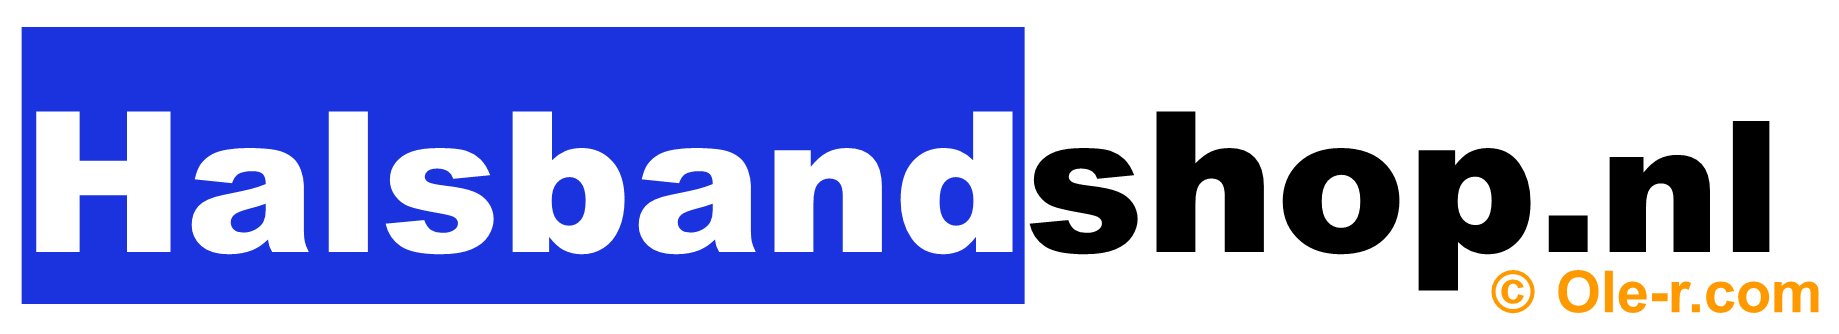 Halsbandshop.nl